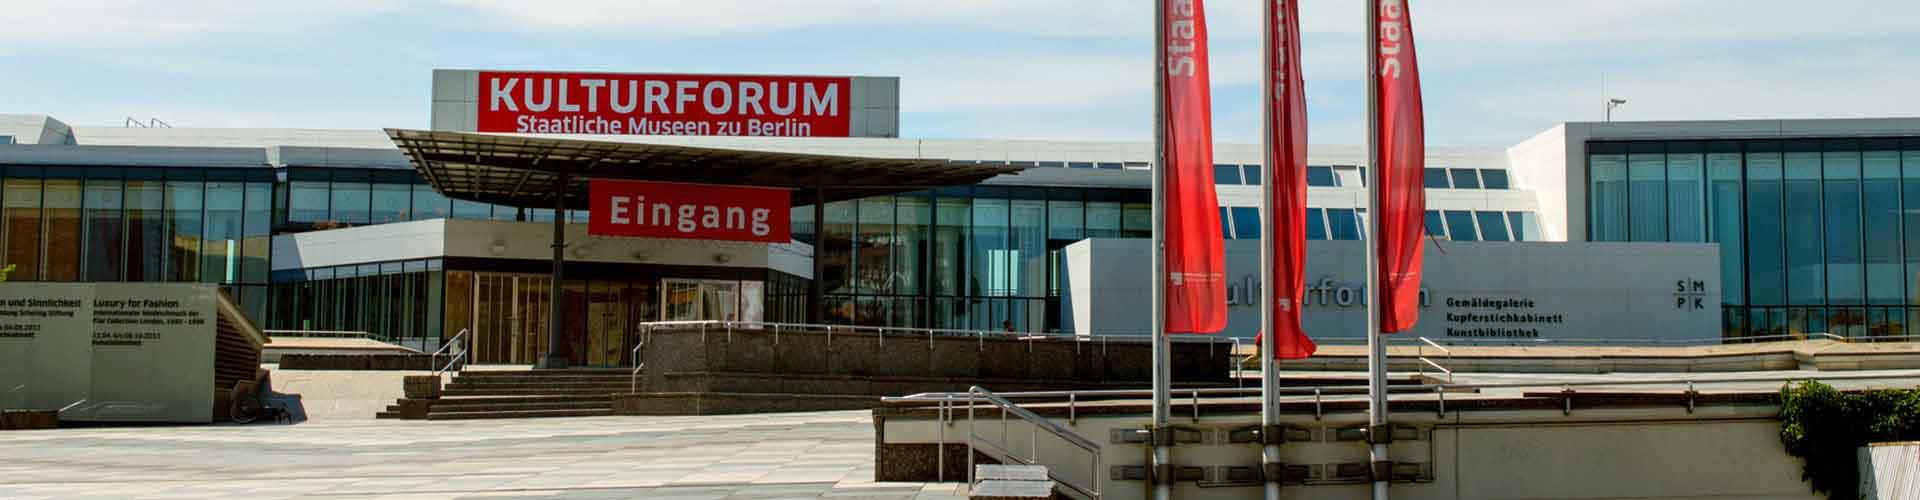 柏林 – 柏林画廊附近的青年旅舍。柏林地图,柏林每家青年旅舍的照片和评价。